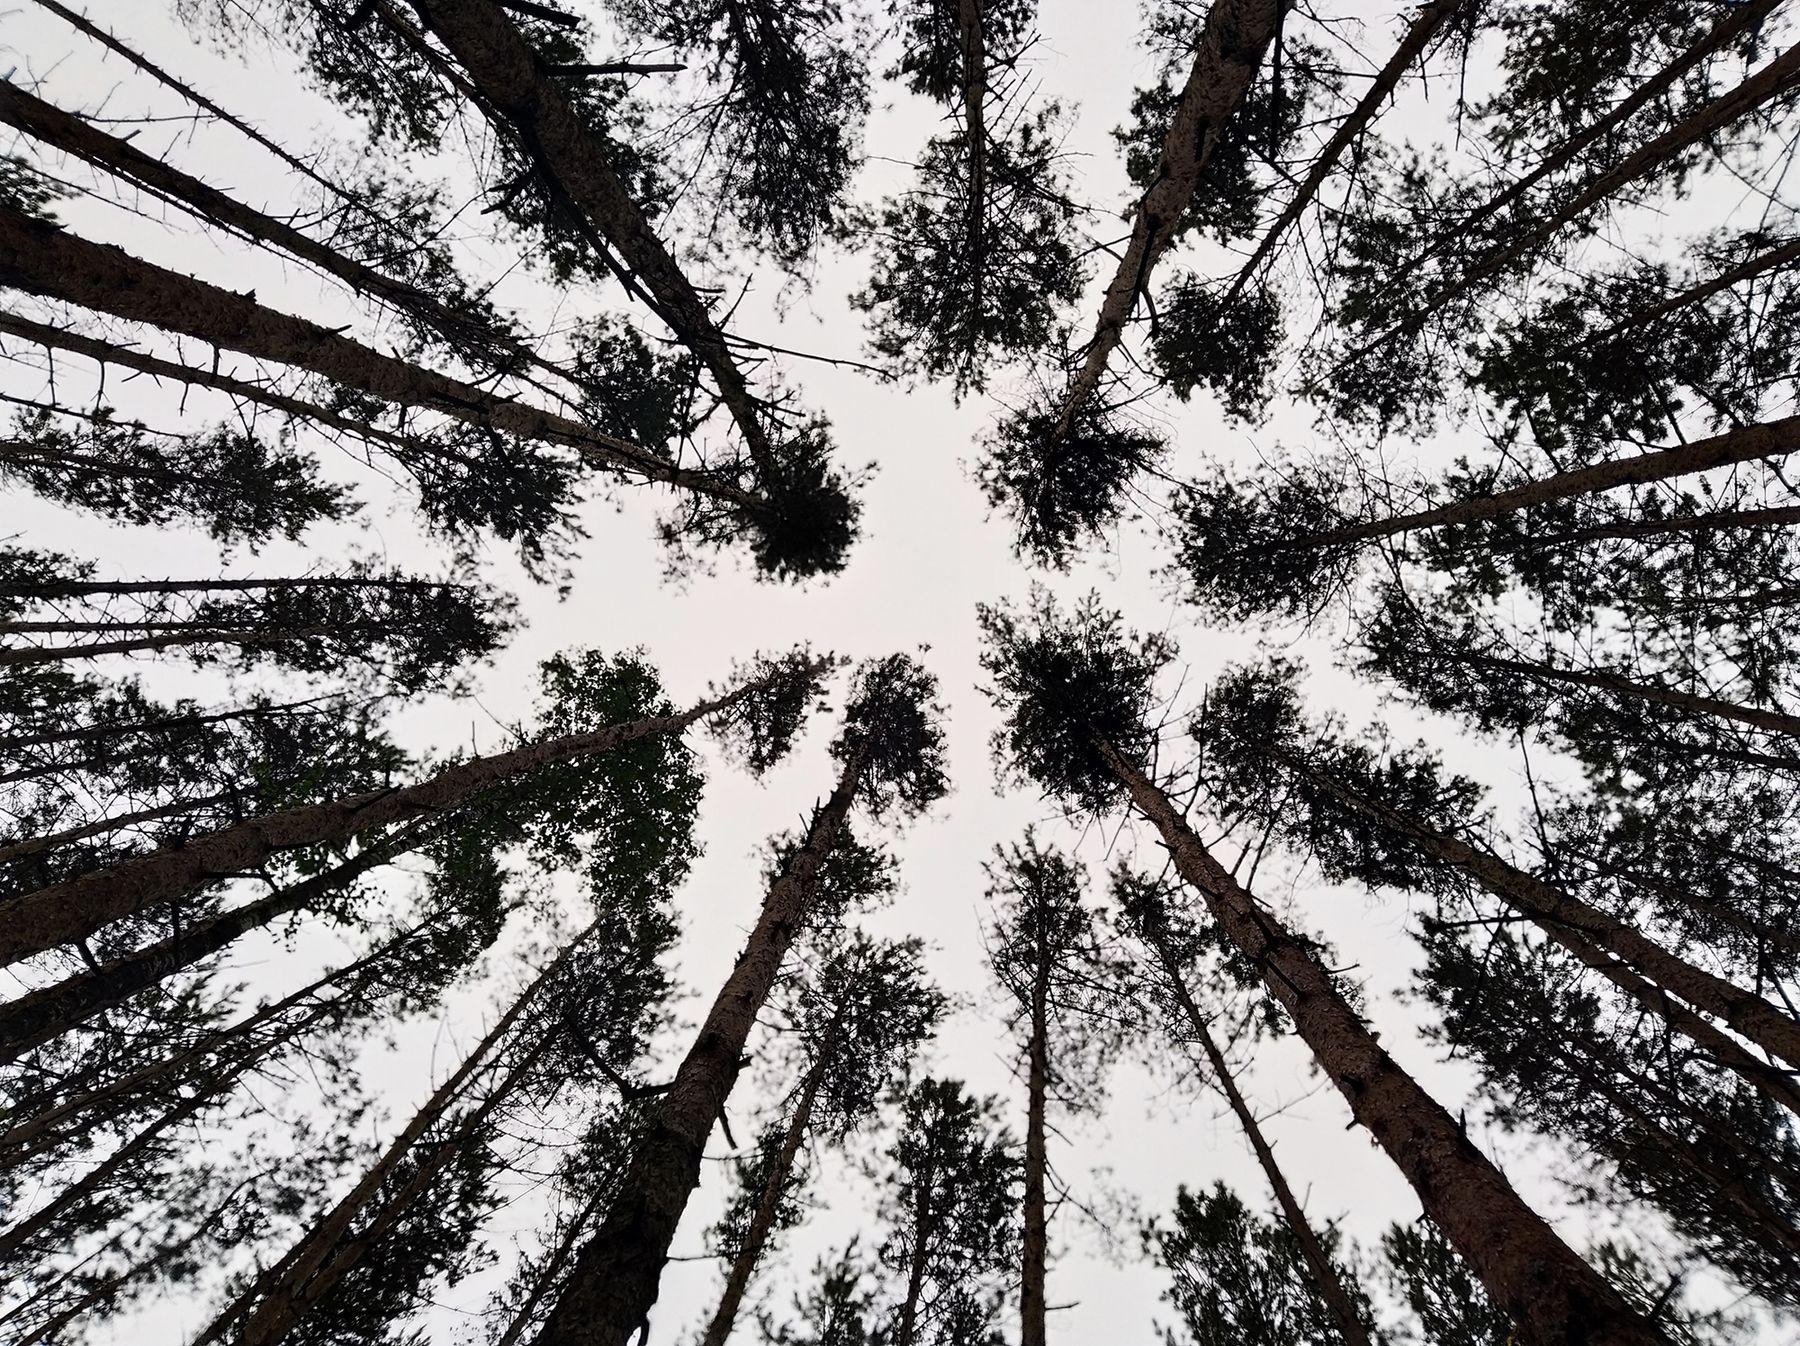 сосны великаны лес сосны природа